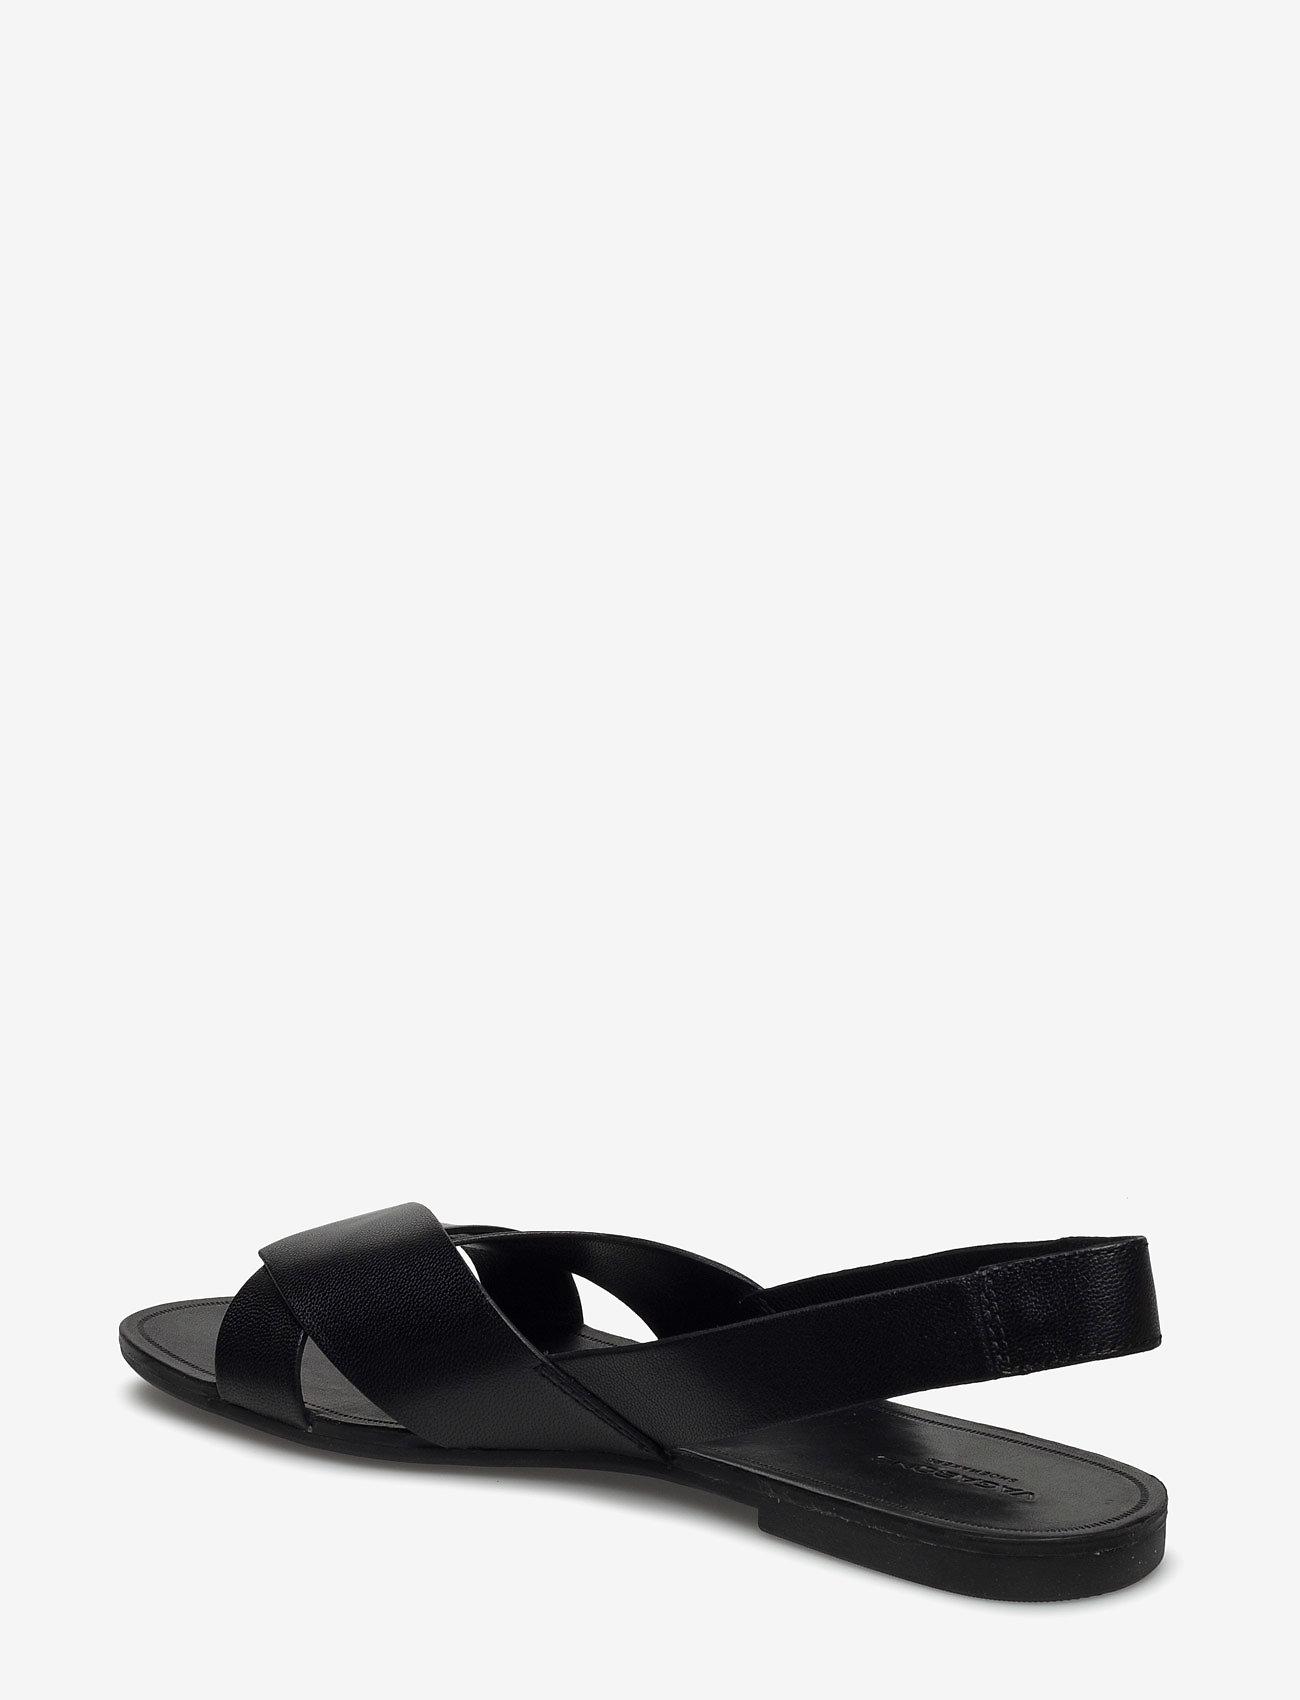 VAGABOND - TIA - płaskie sandały - black - 2